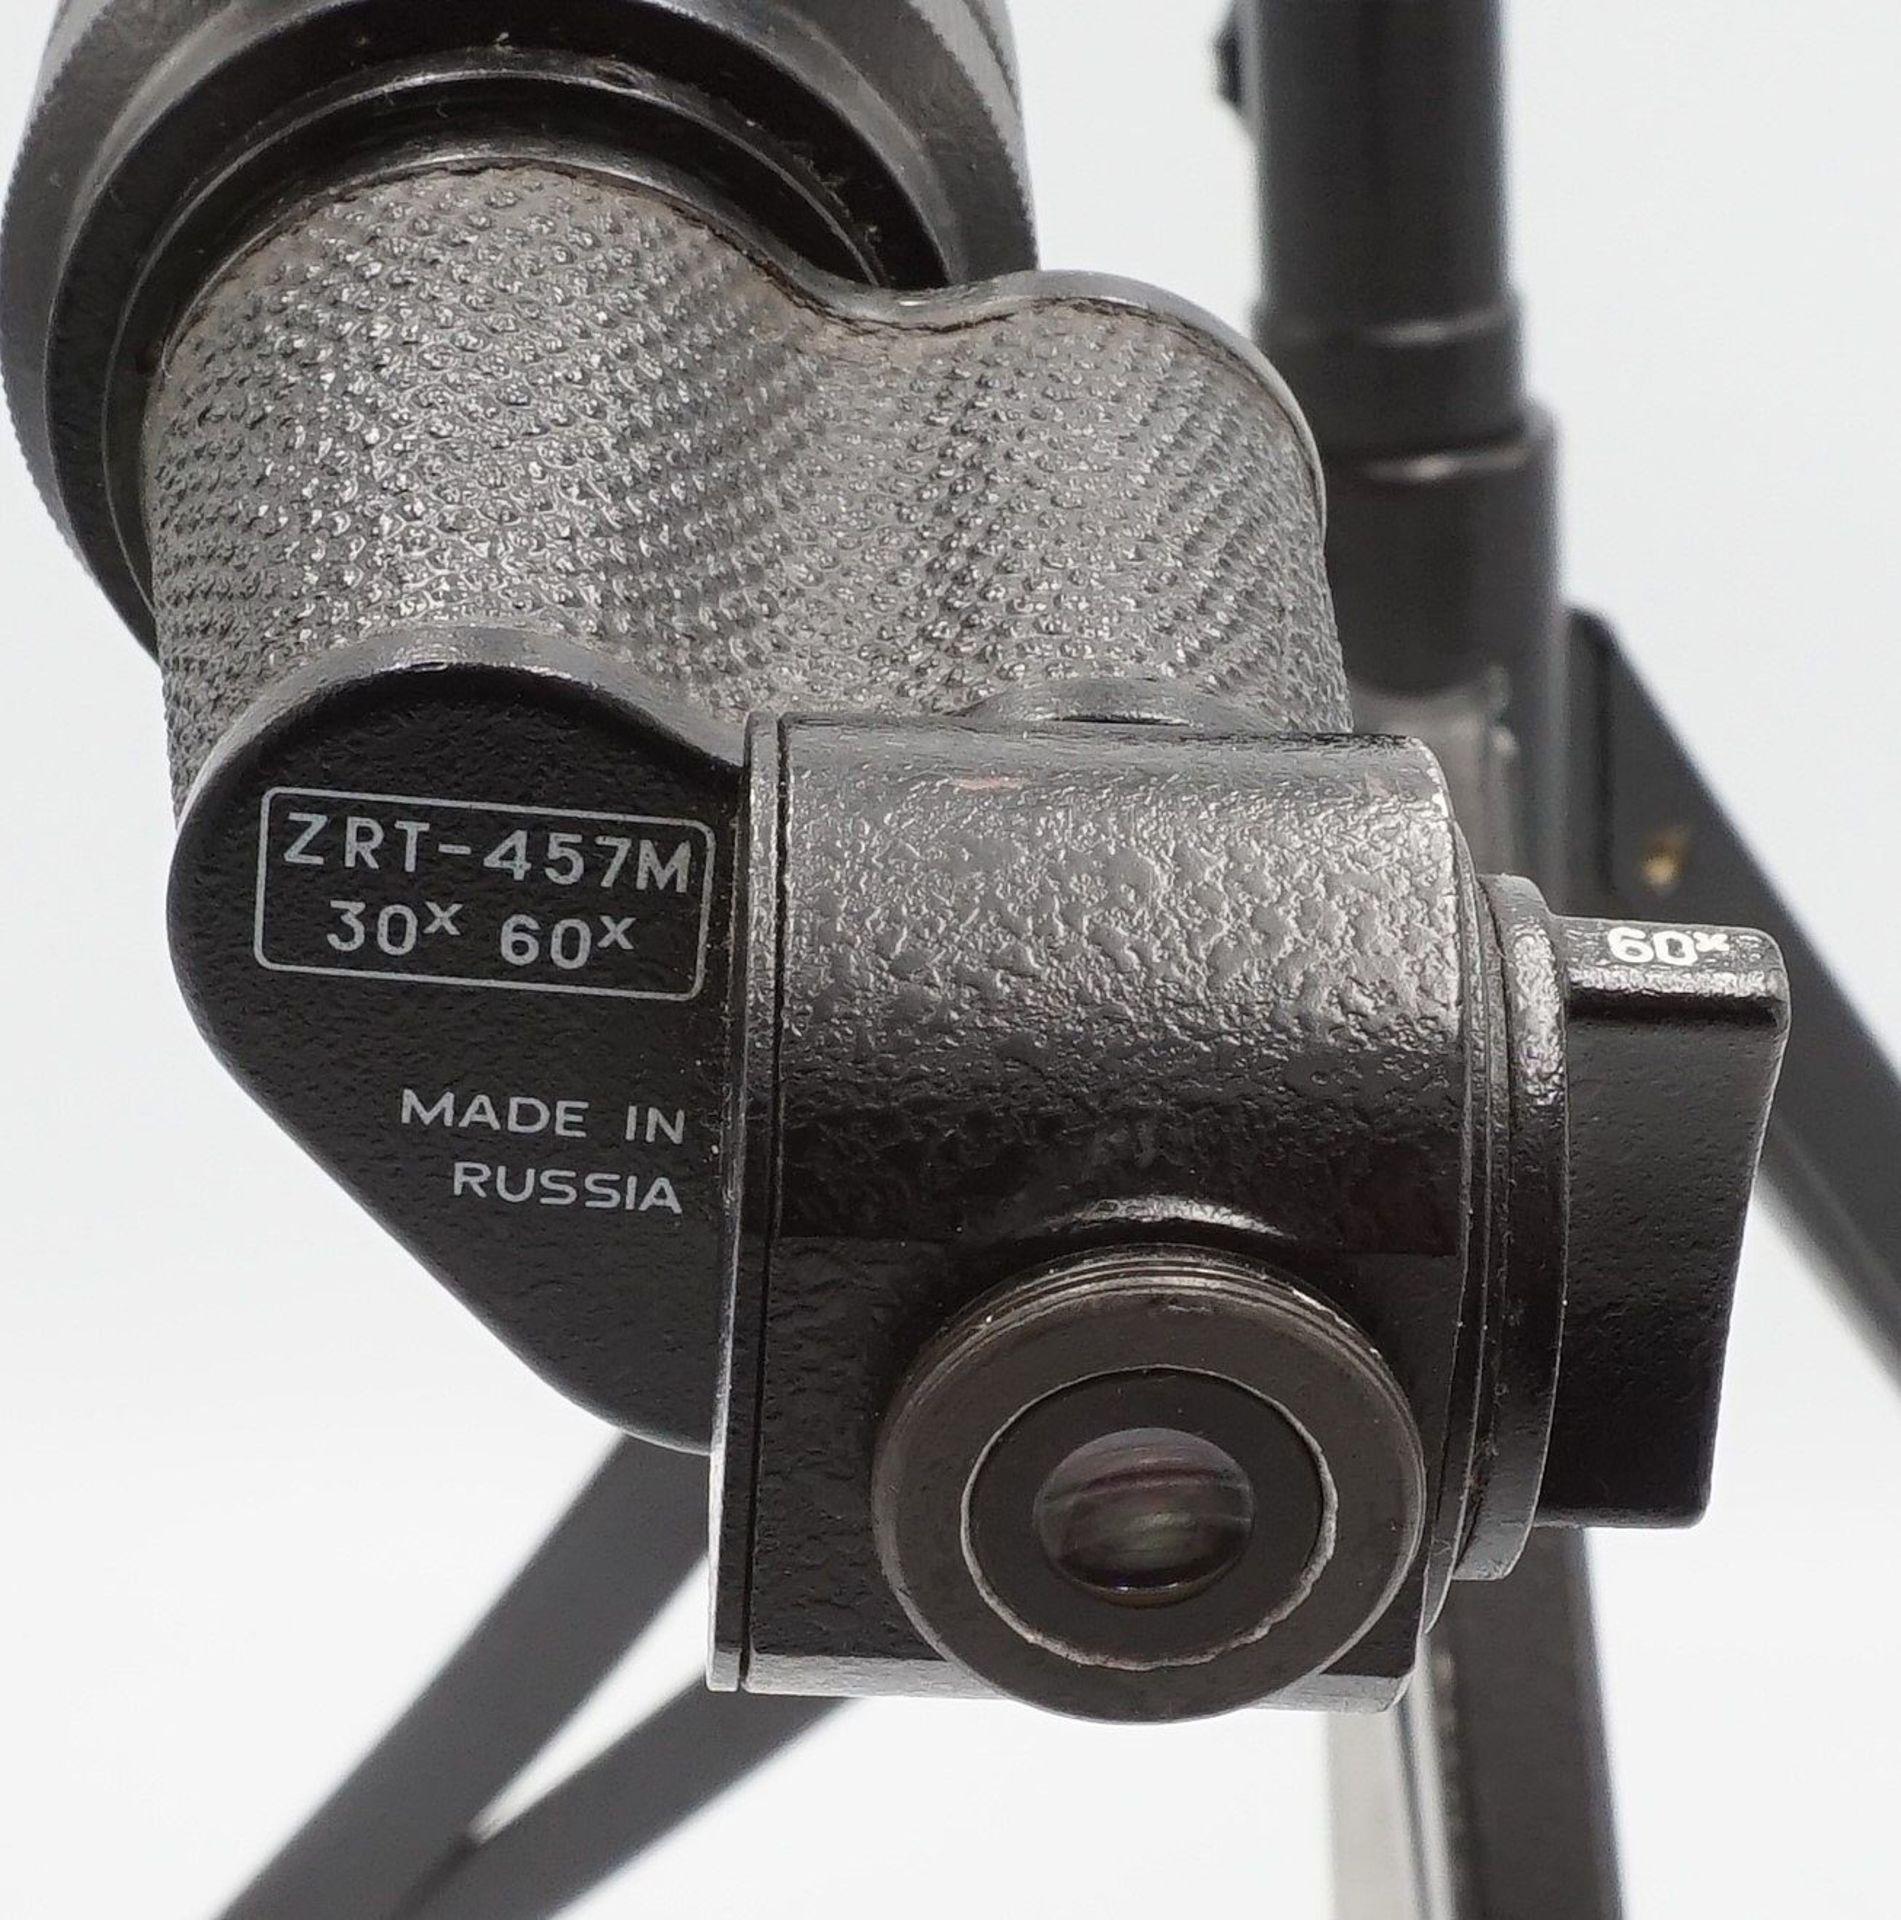 Russisches Spektiv ZRT-457M, 30x / 60x, mit Tasche, 2. Hälfte 20. Jh. - Bild 4 aus 5